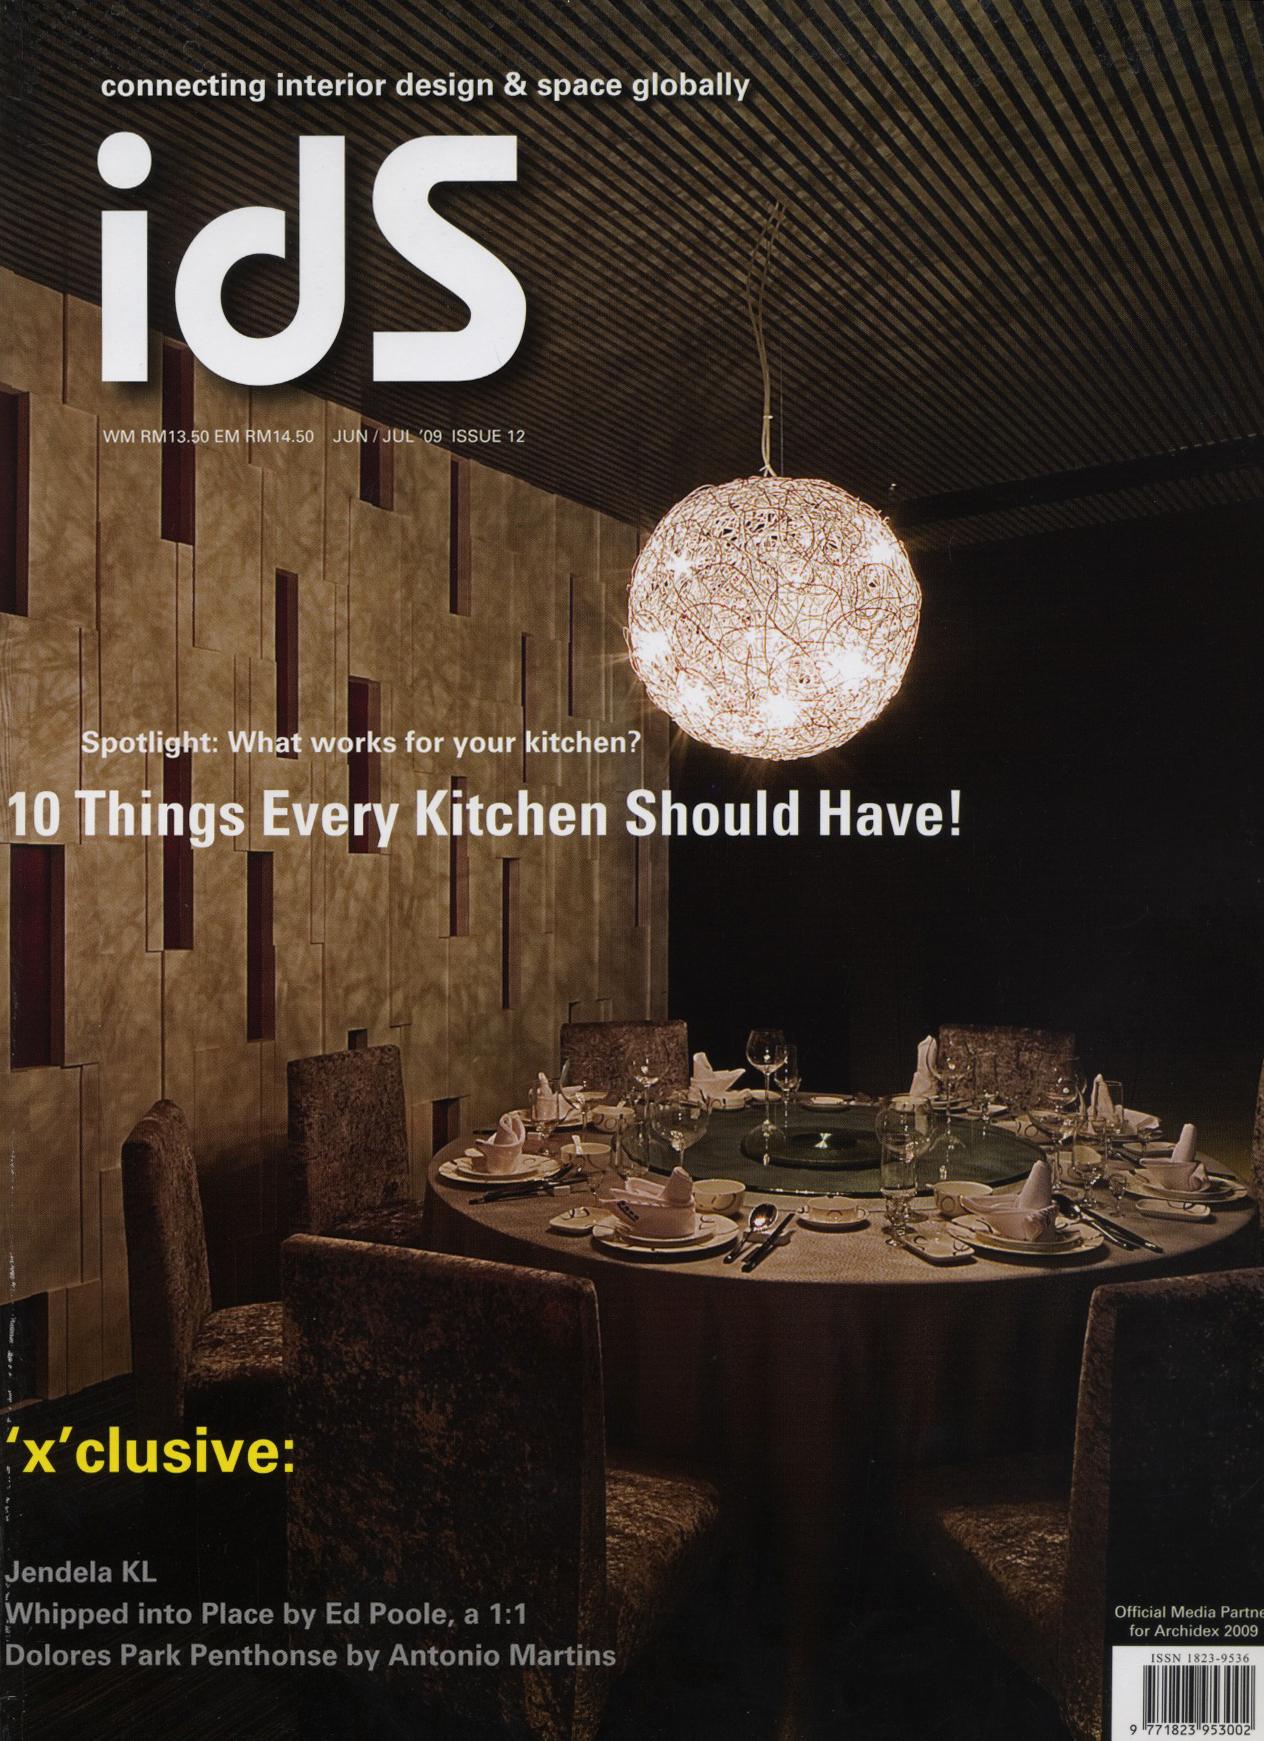 © ghislaine viñas interior design-ids.06_07.09.jpeg